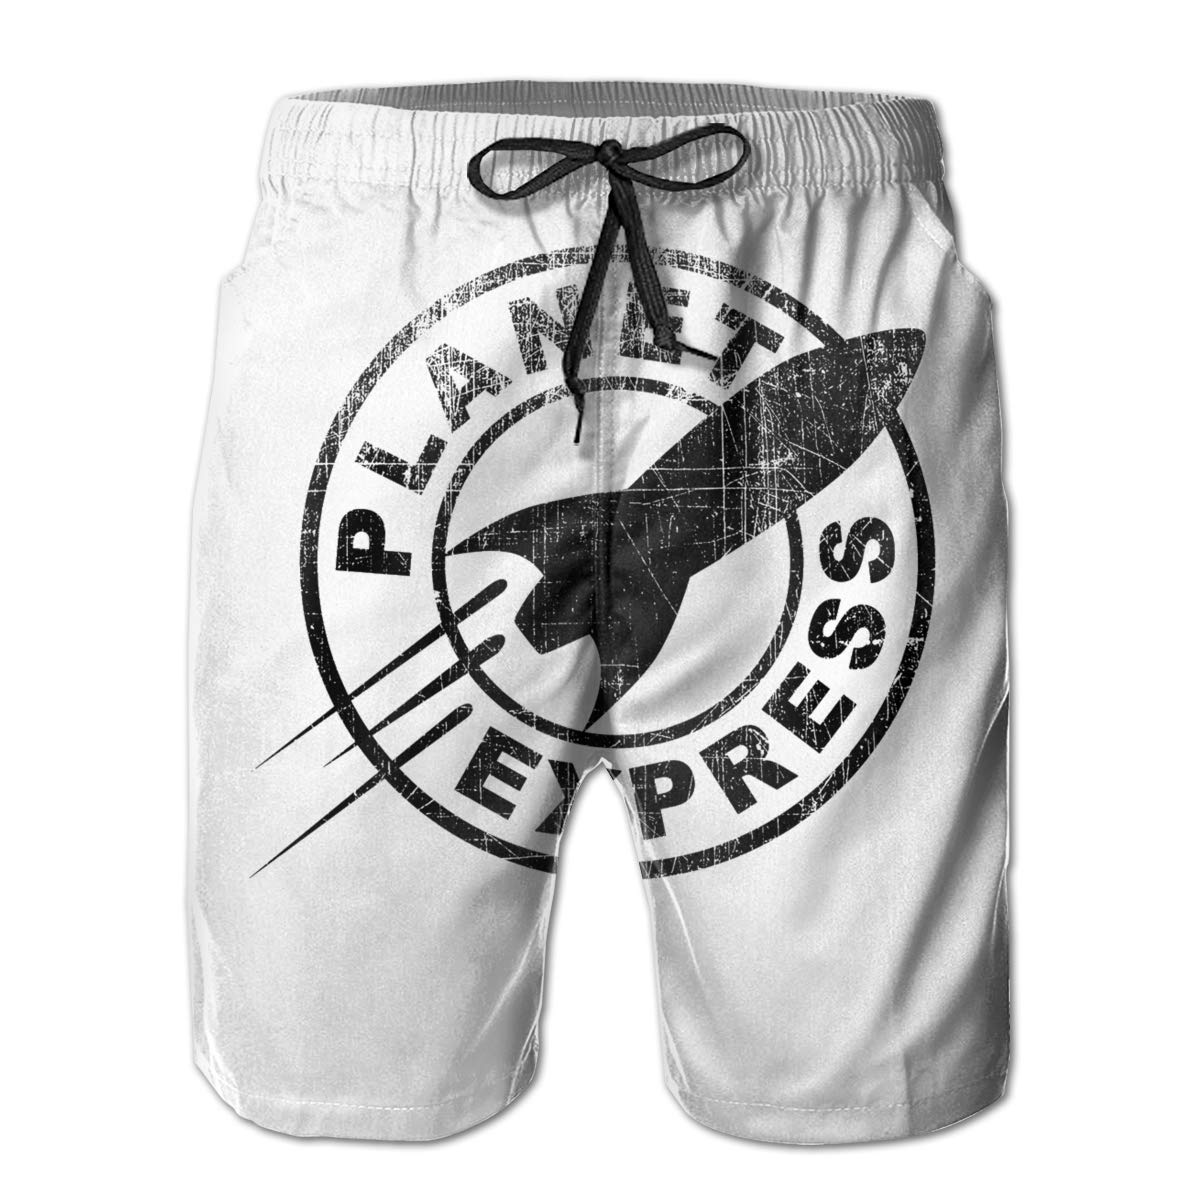 Outdoor Short Pants Beach Accessories Kurabam Beach Shorts Planet Express Summer Casual Shorts for Men Boys